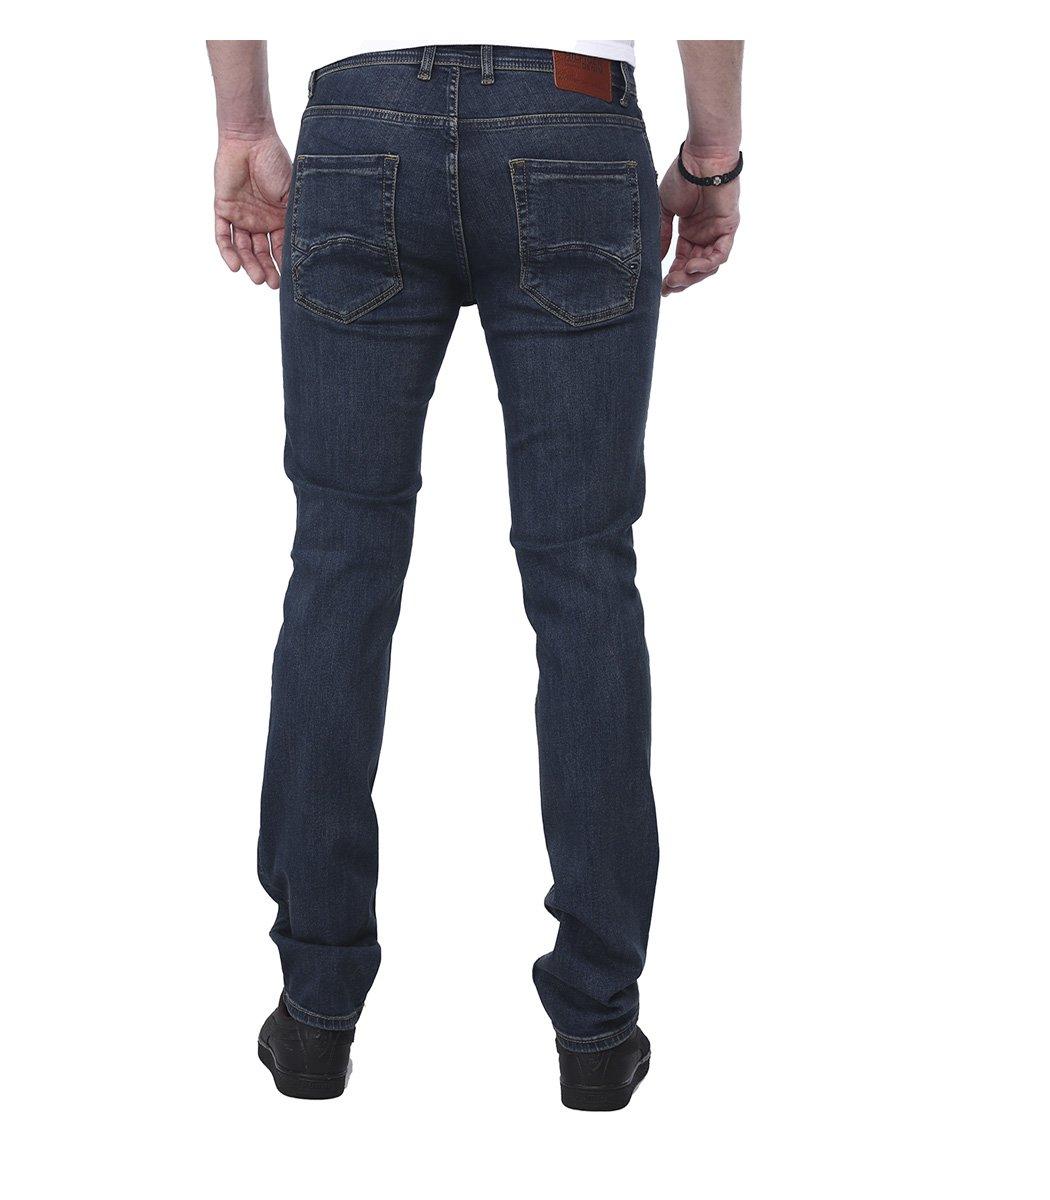 Темно-синие джинсы Tommy Hilfiger 968